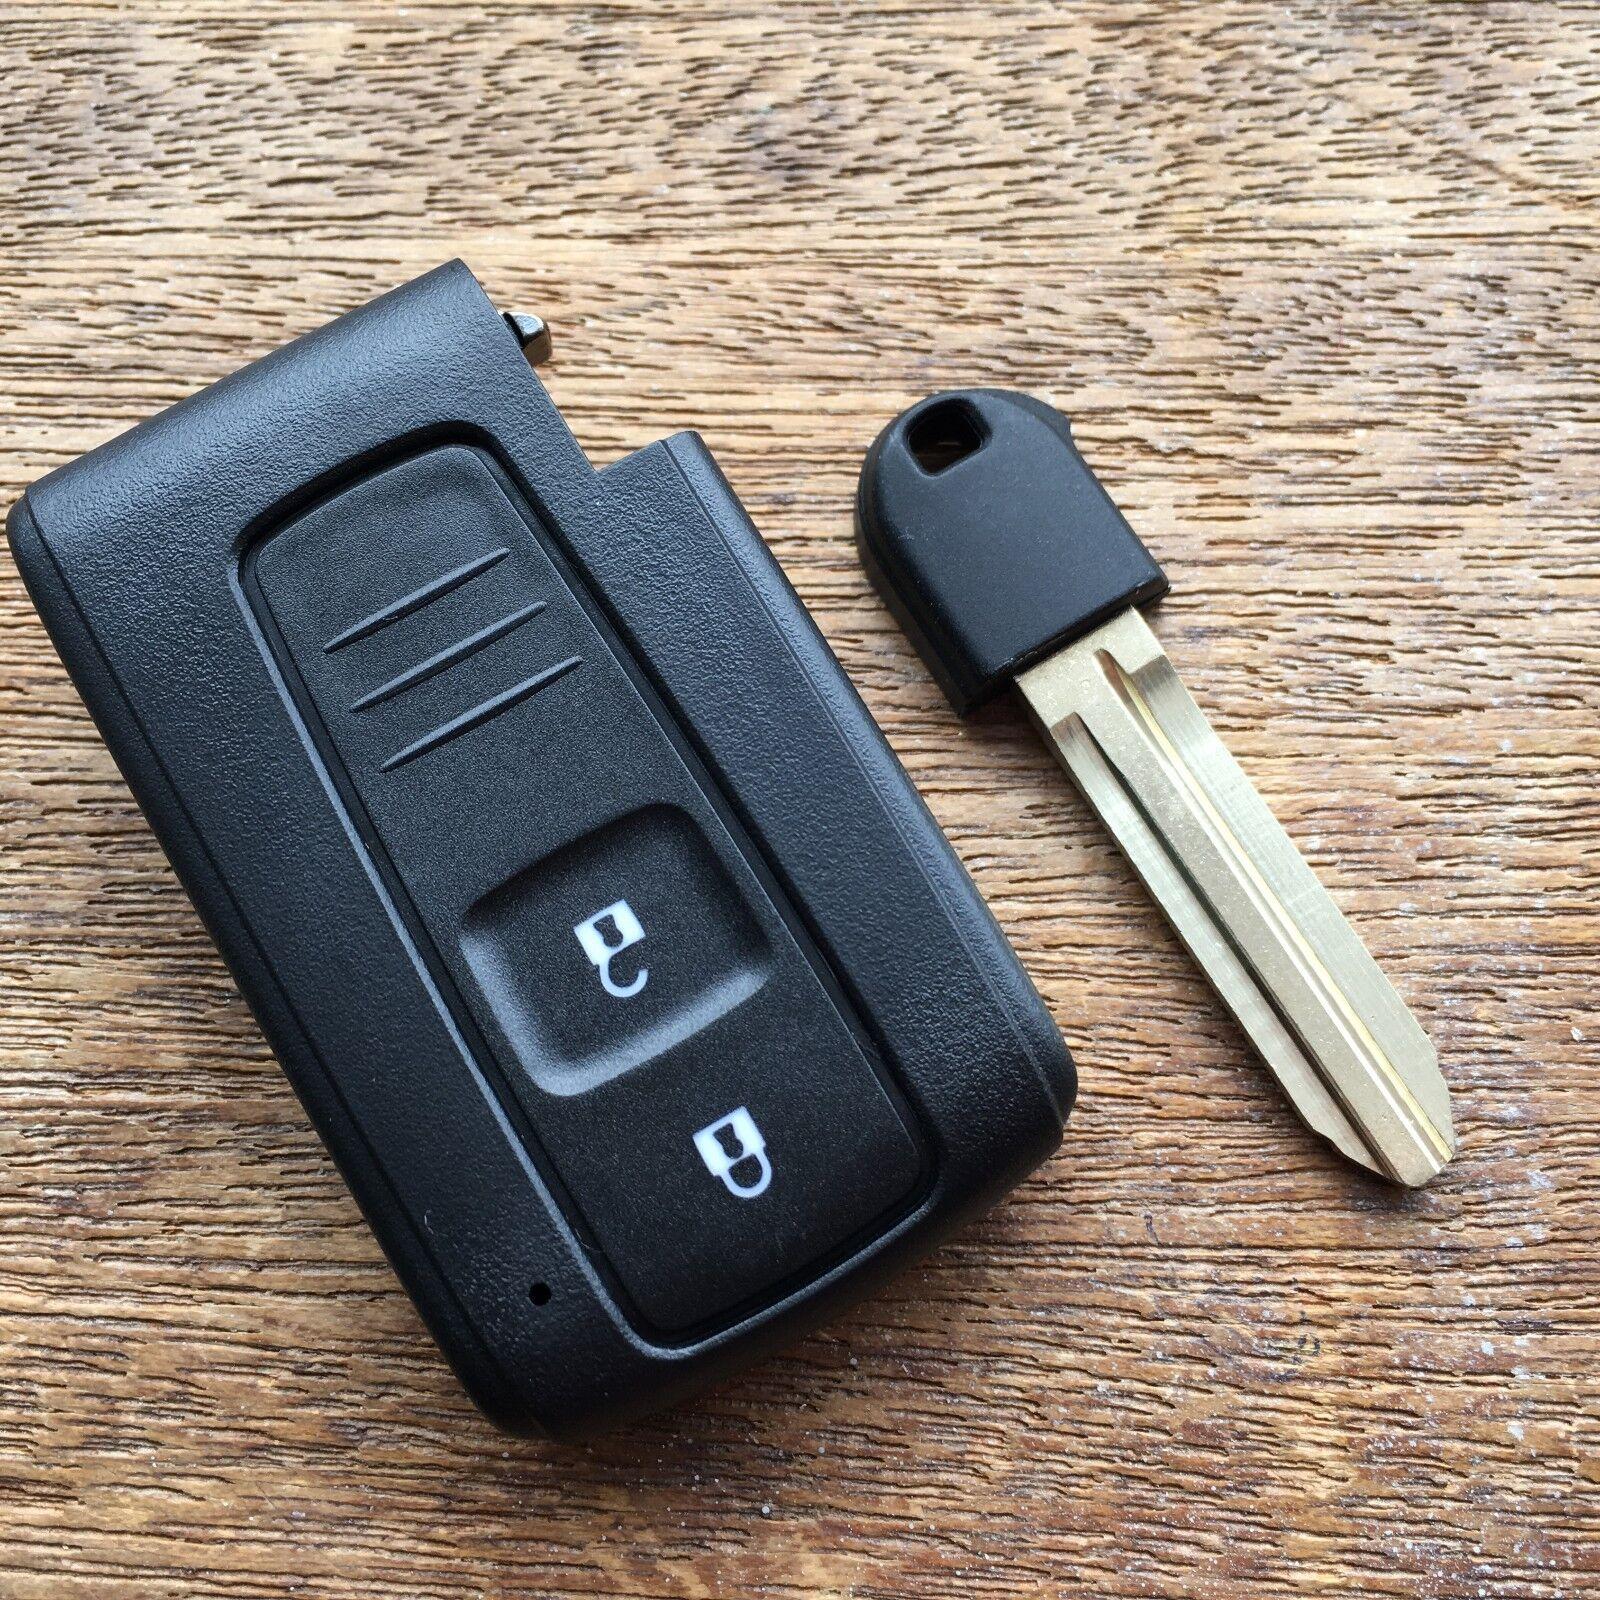 2 Button Smart Remote Key Fob Case for Toyota Prius Corolla Verso